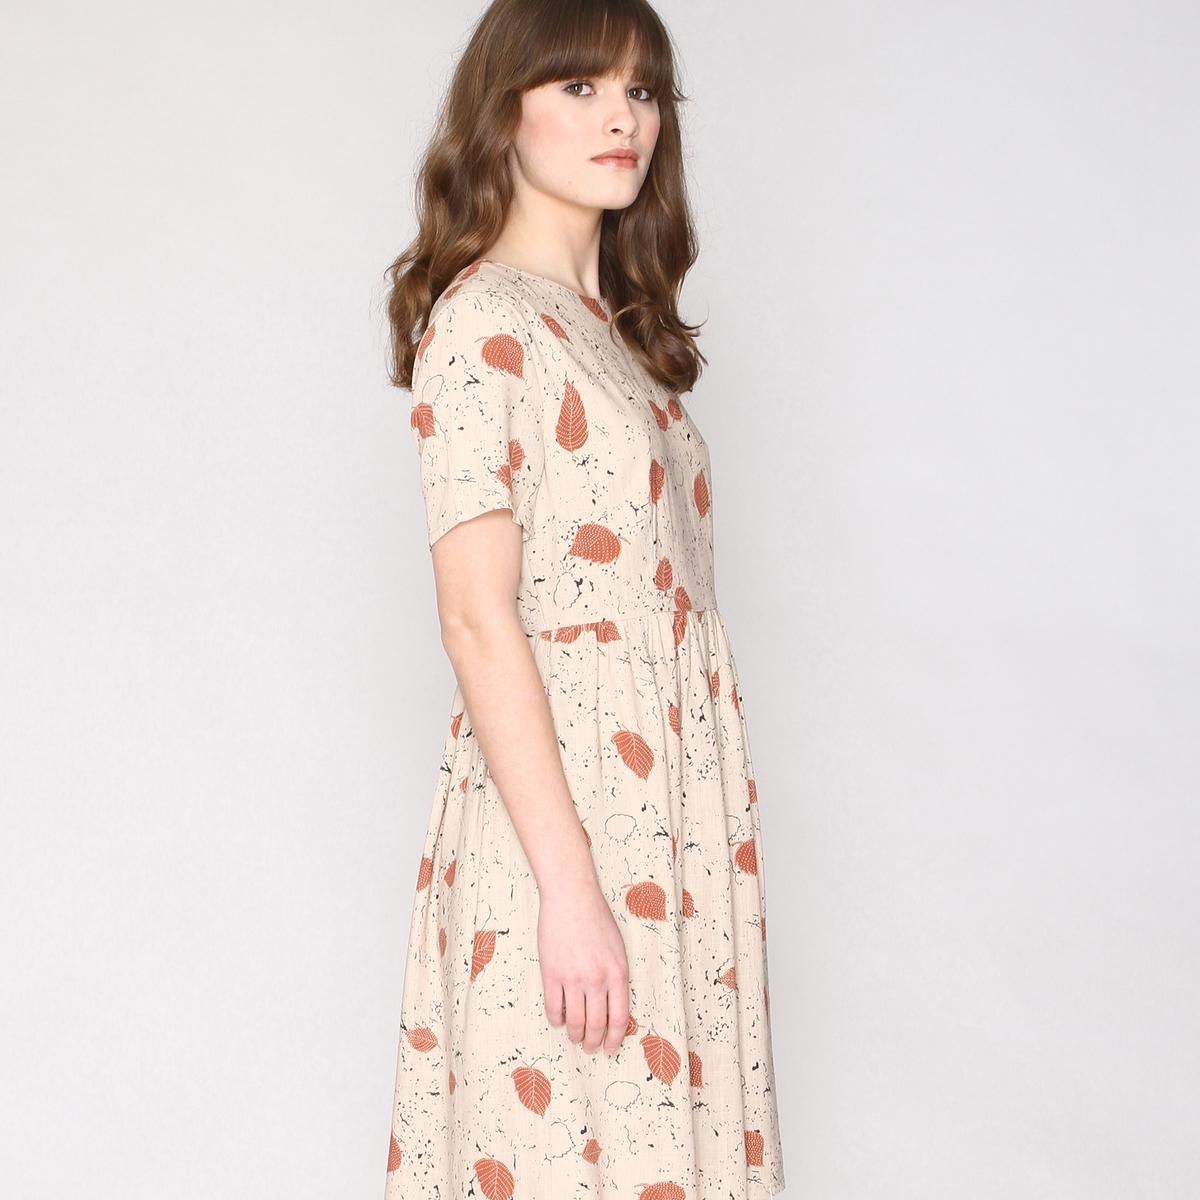 Платье с принтом, расширяющееся на поясеСостав и описаниеМатериал:  55% вискозы, 45% льна Марка: Pepaloves.Застежка: молния сзади..<br><br>Цвет: принт/бежевый<br>Размер: M